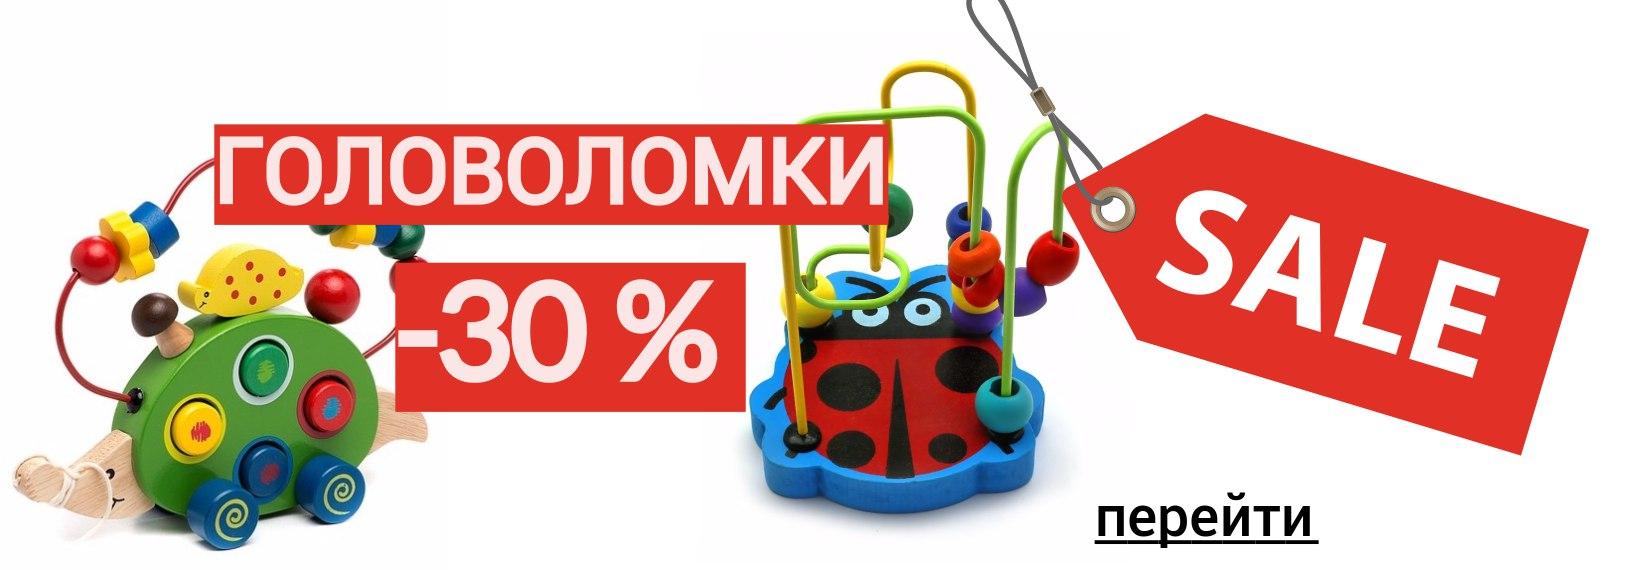 Интернет магазин игрушек с доставкой по всей России   Купить детские ... 29c24112ce8